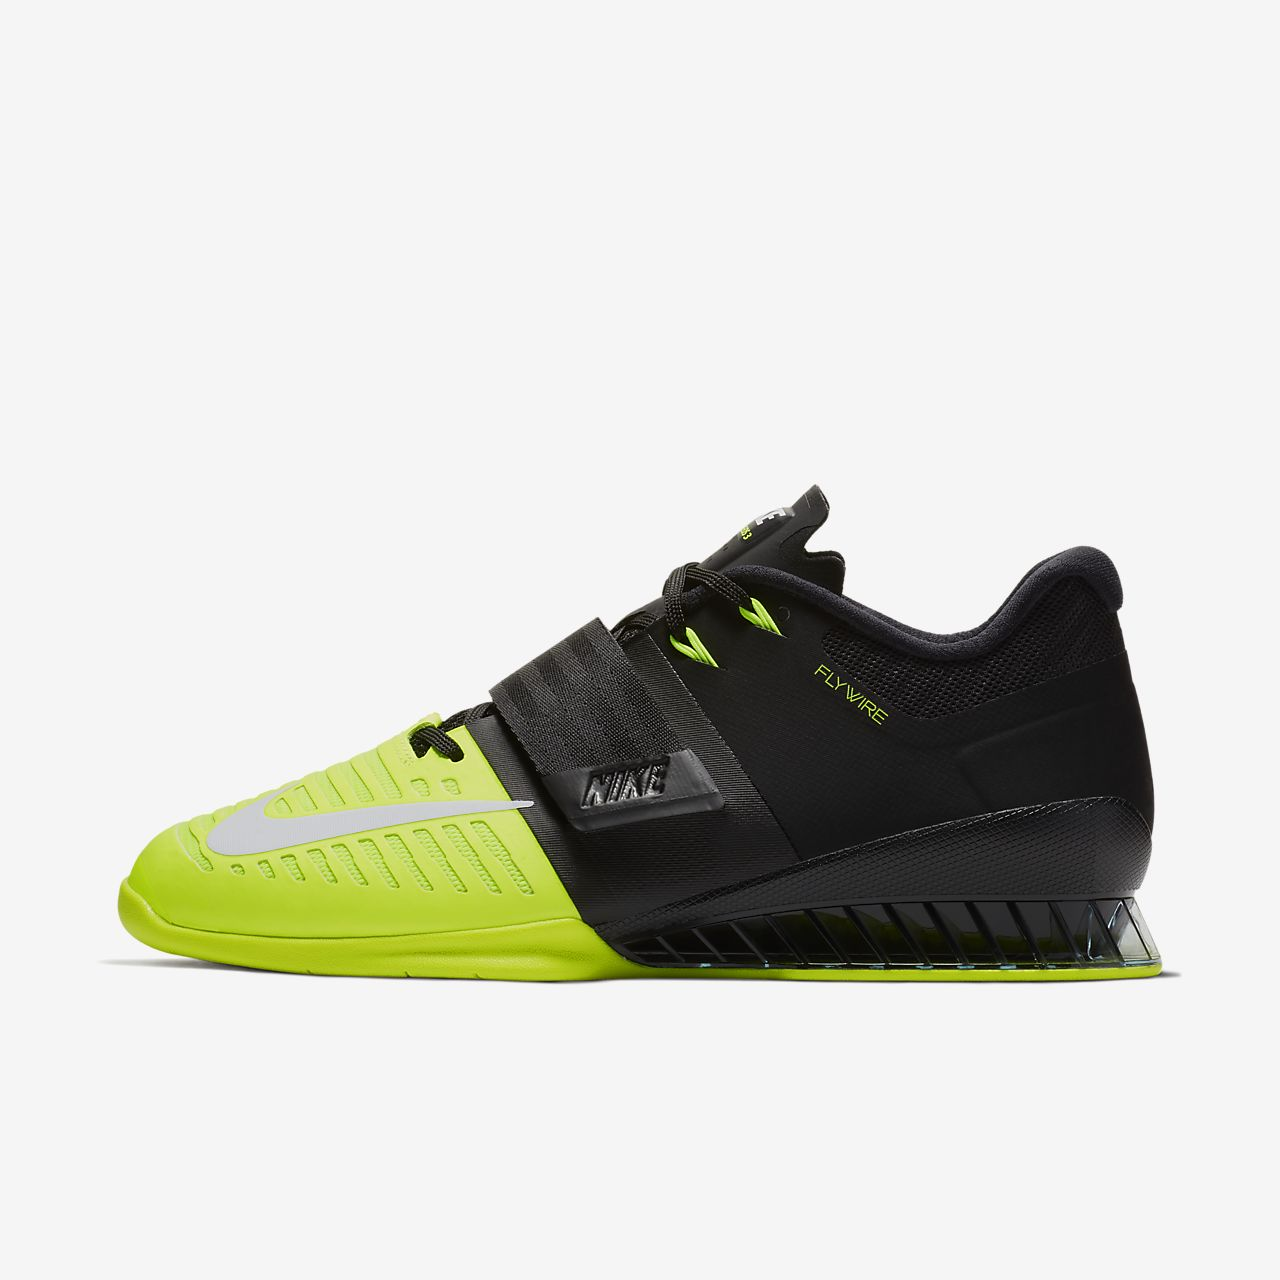 NIKE Romaleos II zapatos de levantamiento de peso–Volt/Sequoia (14) YdY5WhMn3V